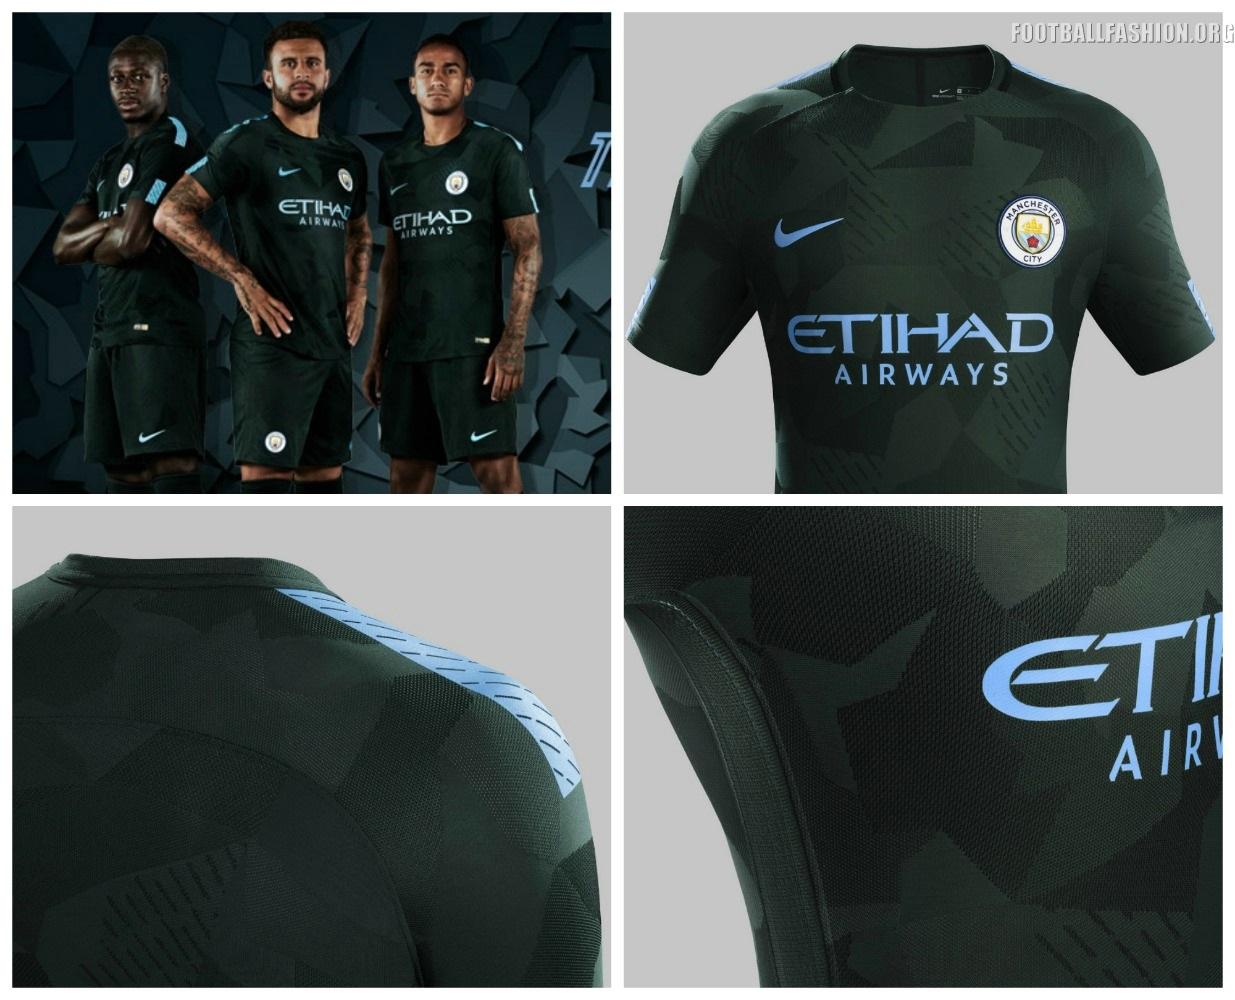 Manchester City FC 2017 2018 Dark Green Nike Third Football Kit, Shirt,  Soccer Jersey